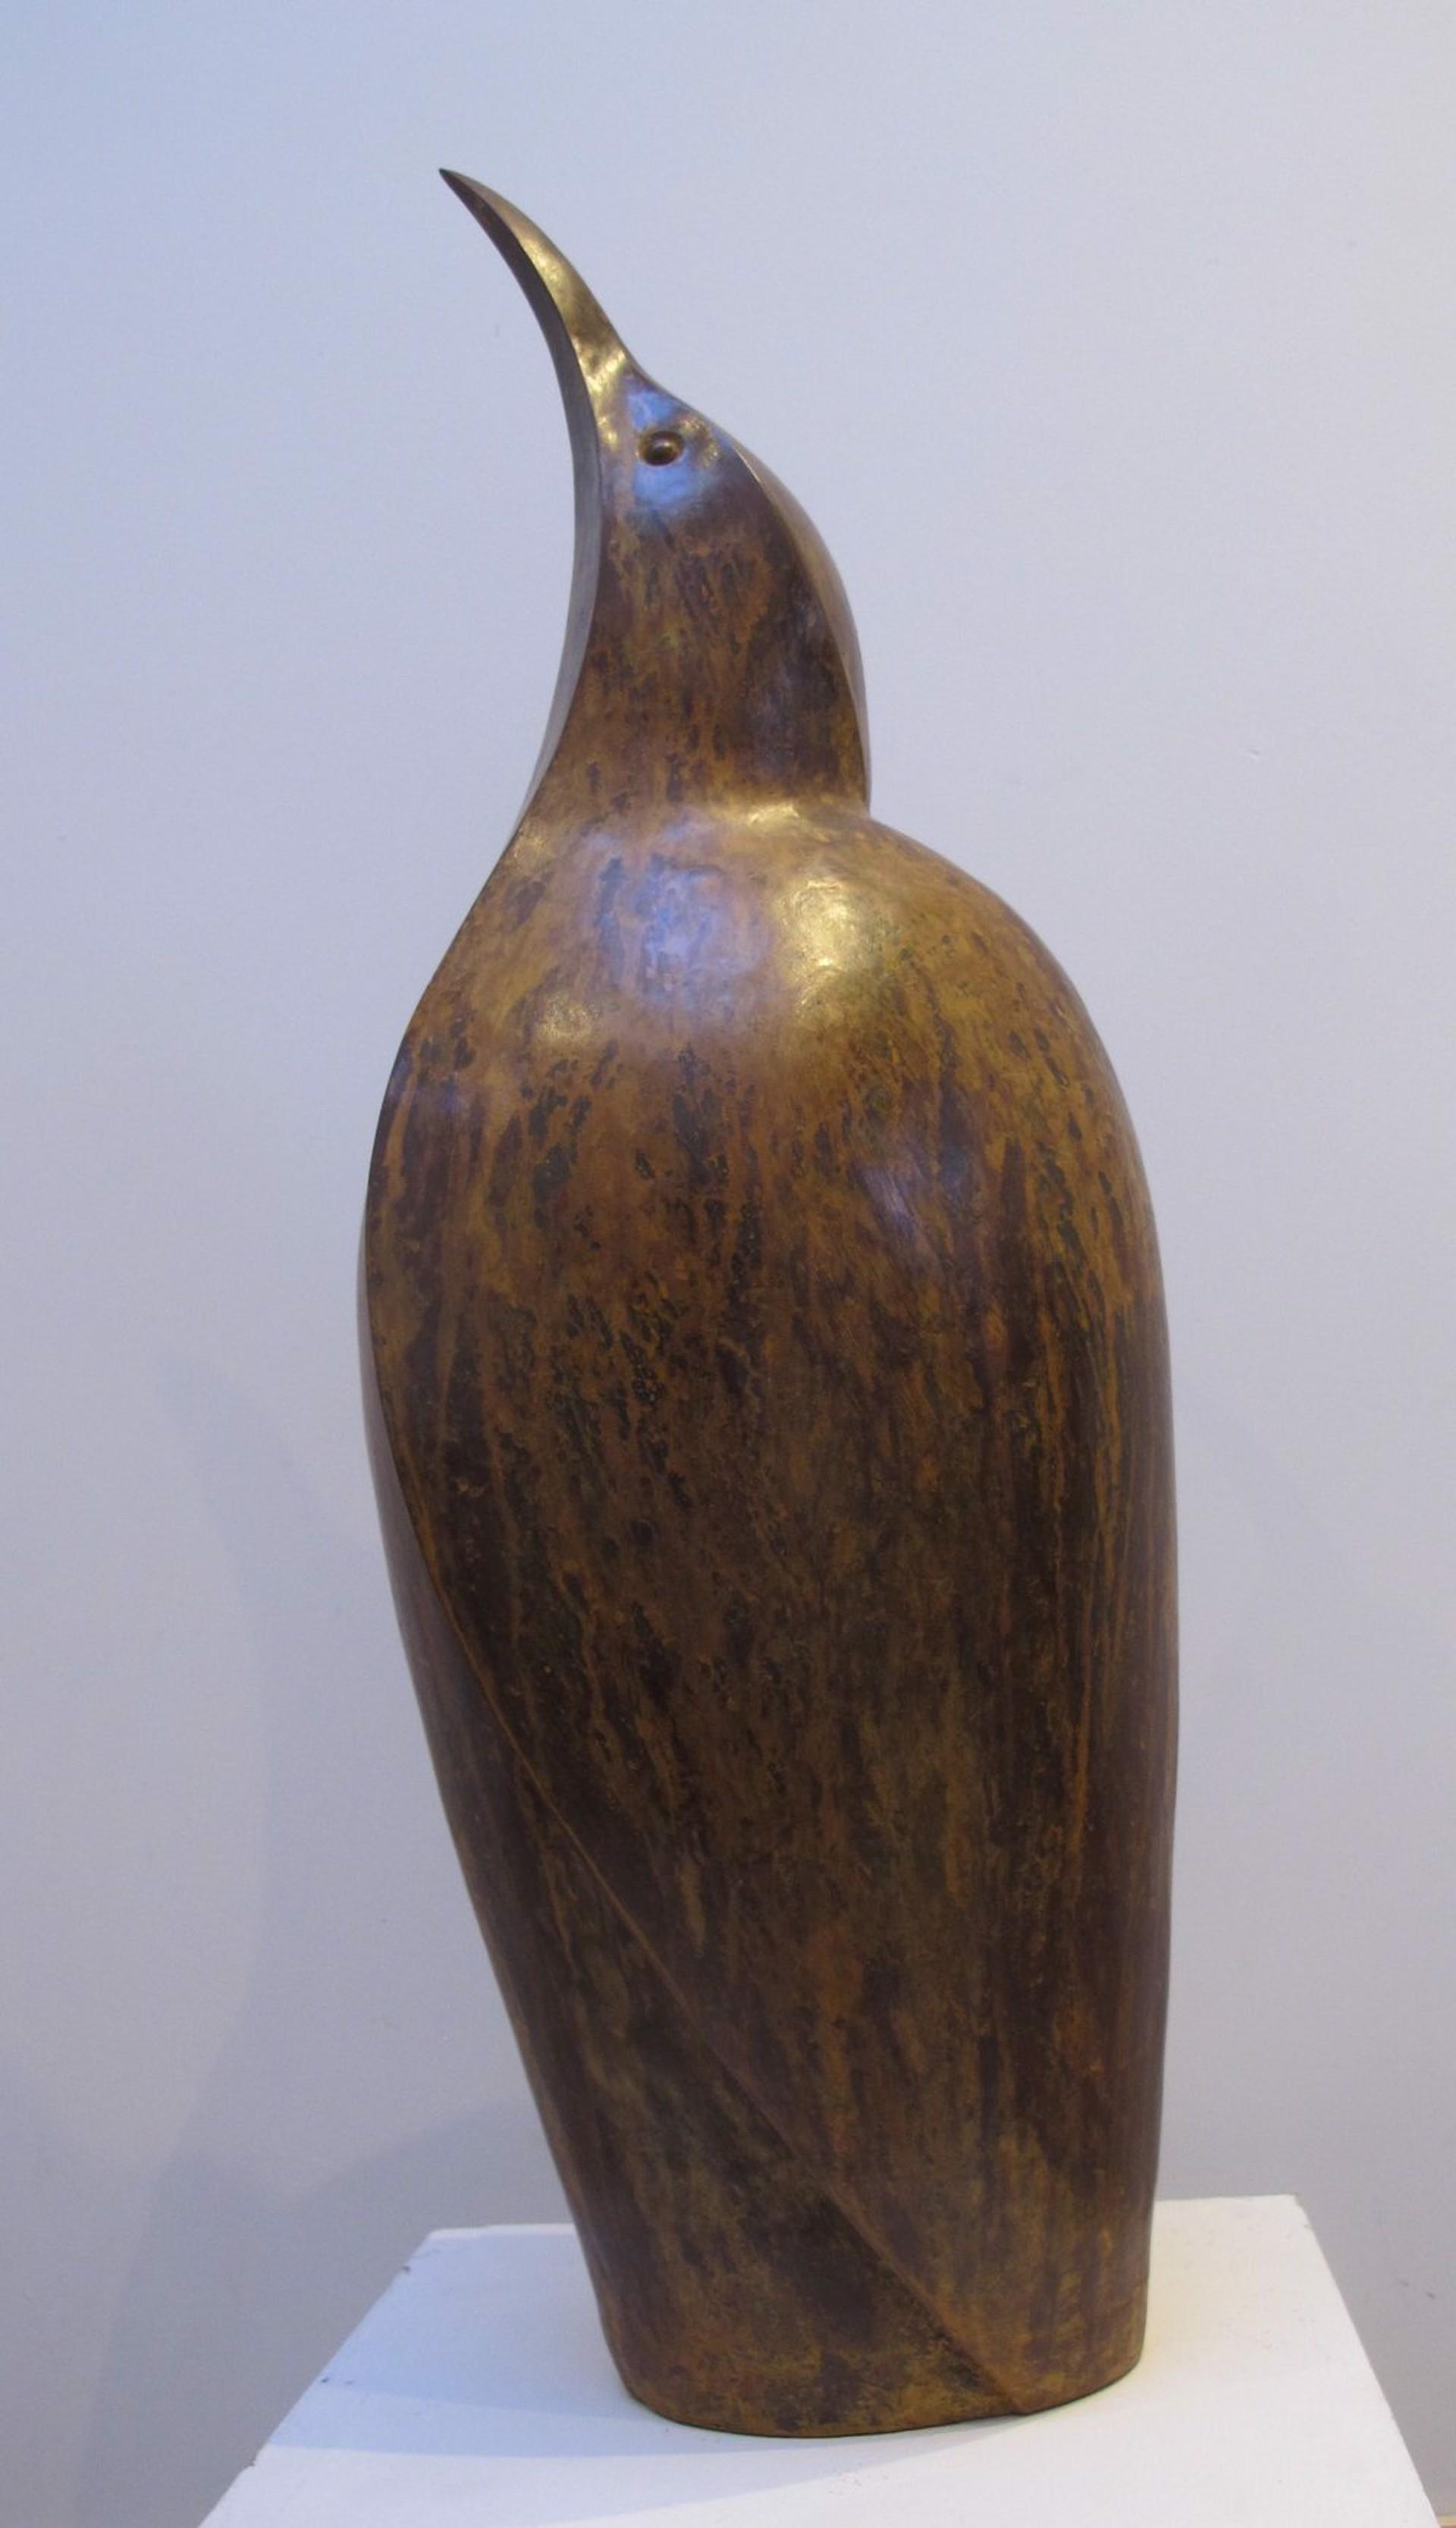 Bittern by Paul Harvey